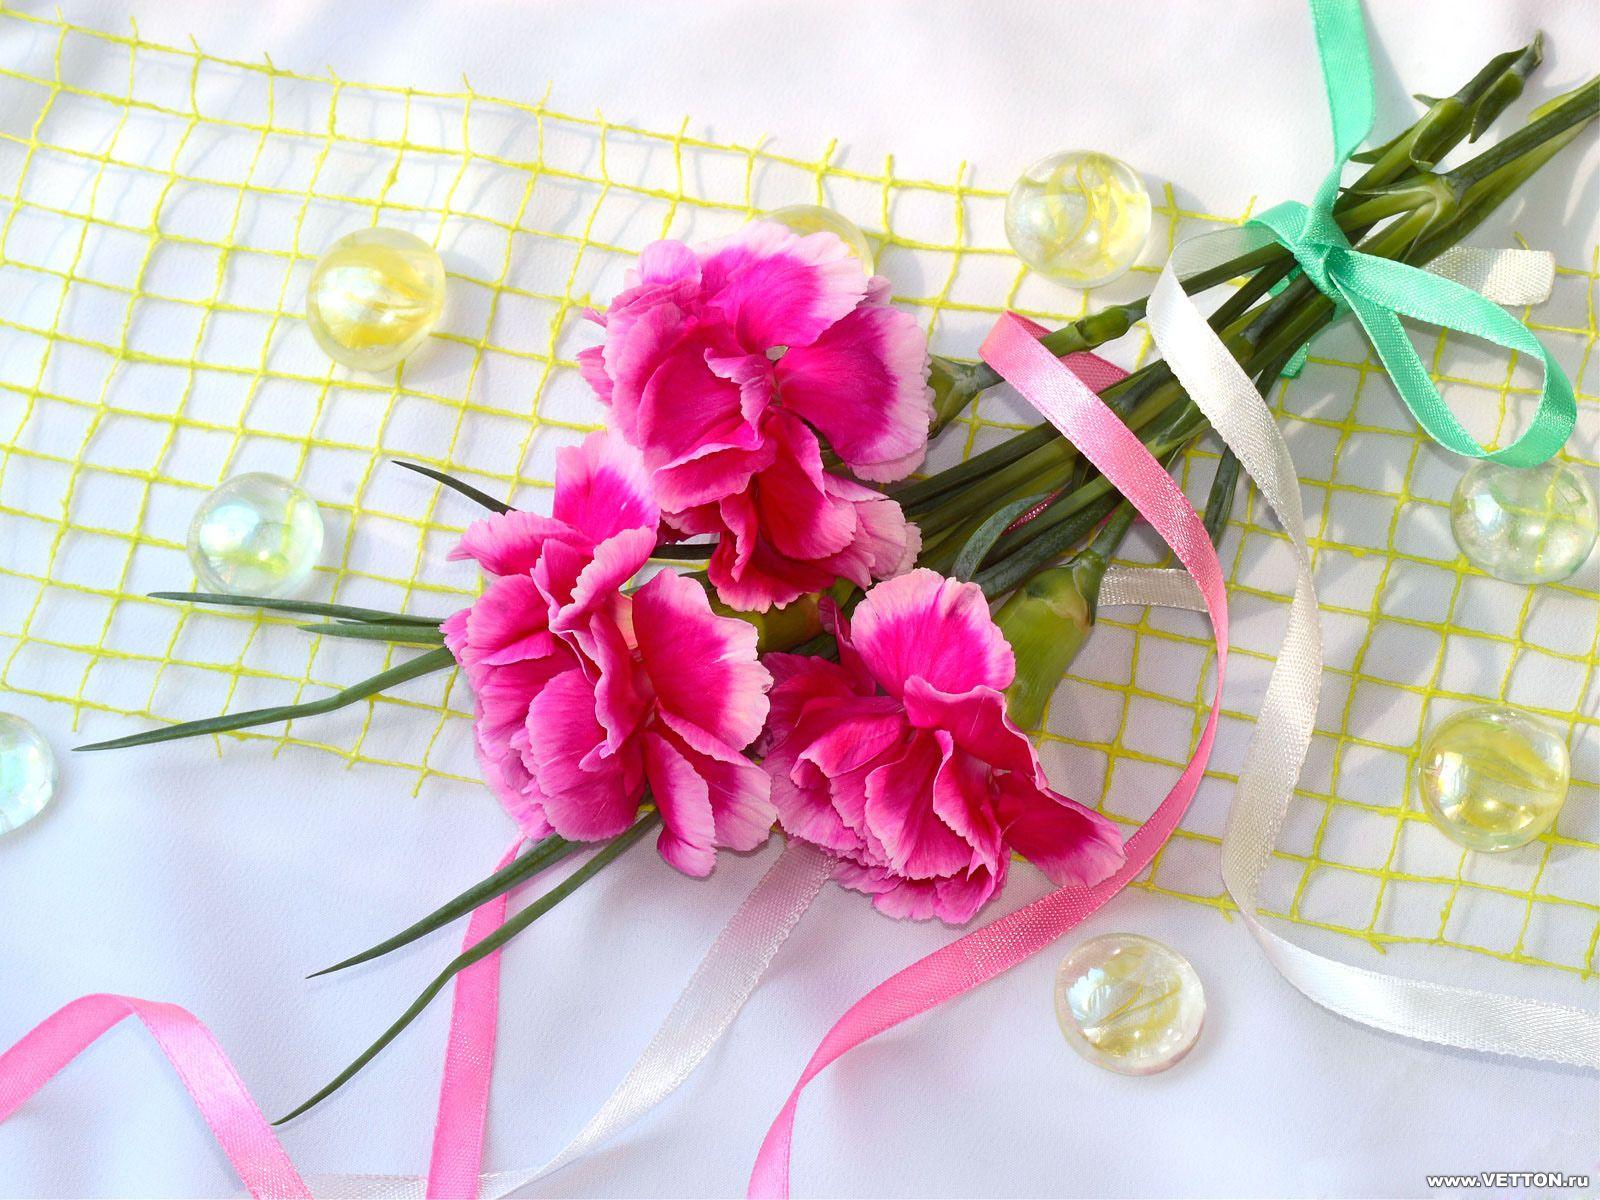 Обои для рабочего стола Цветы № 357